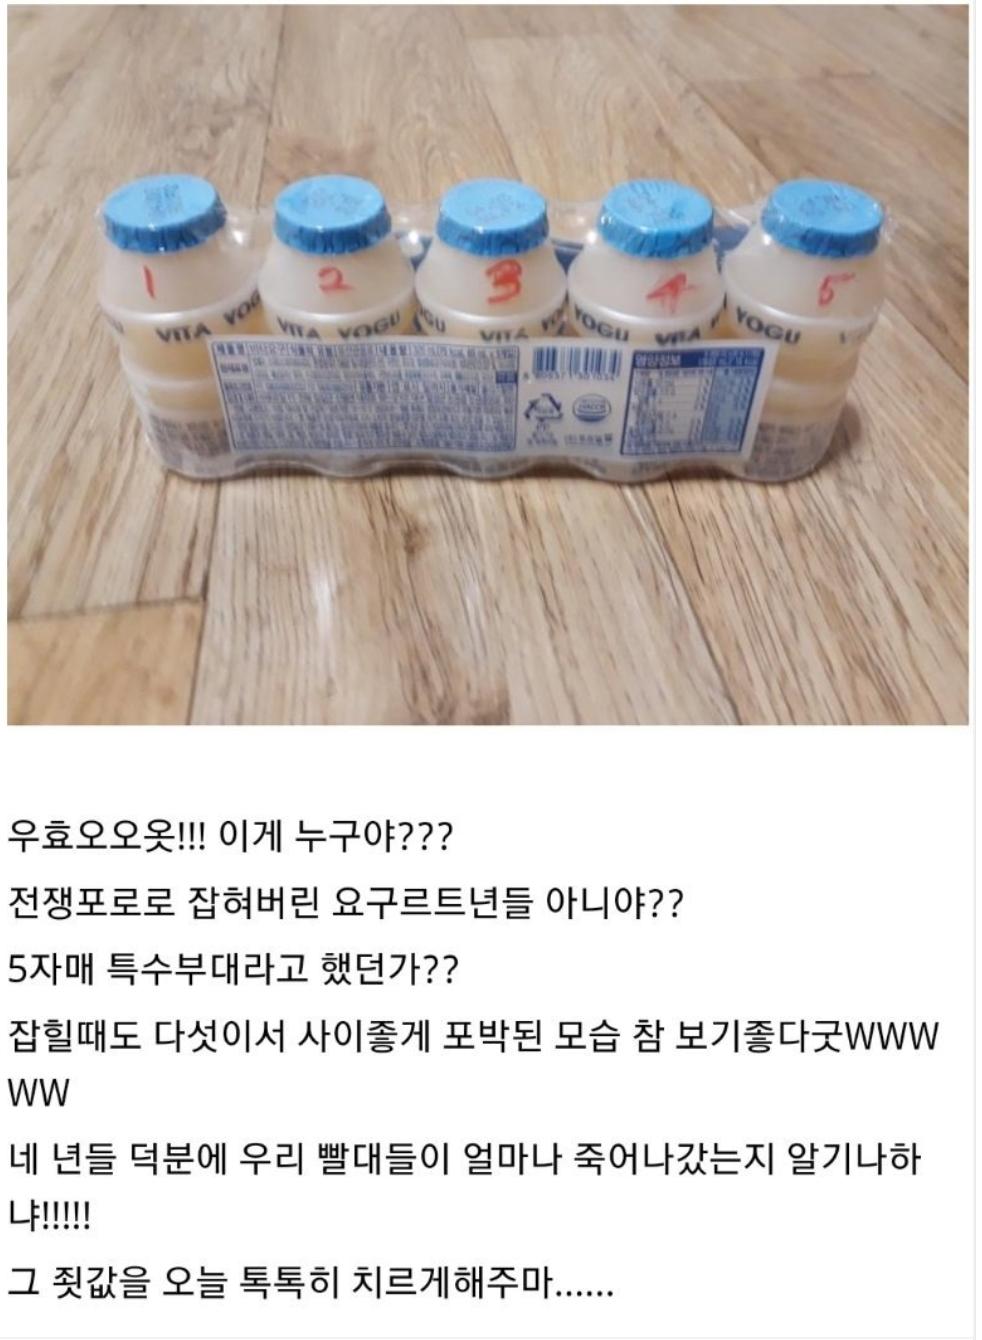 우효 갤러리 최종진화